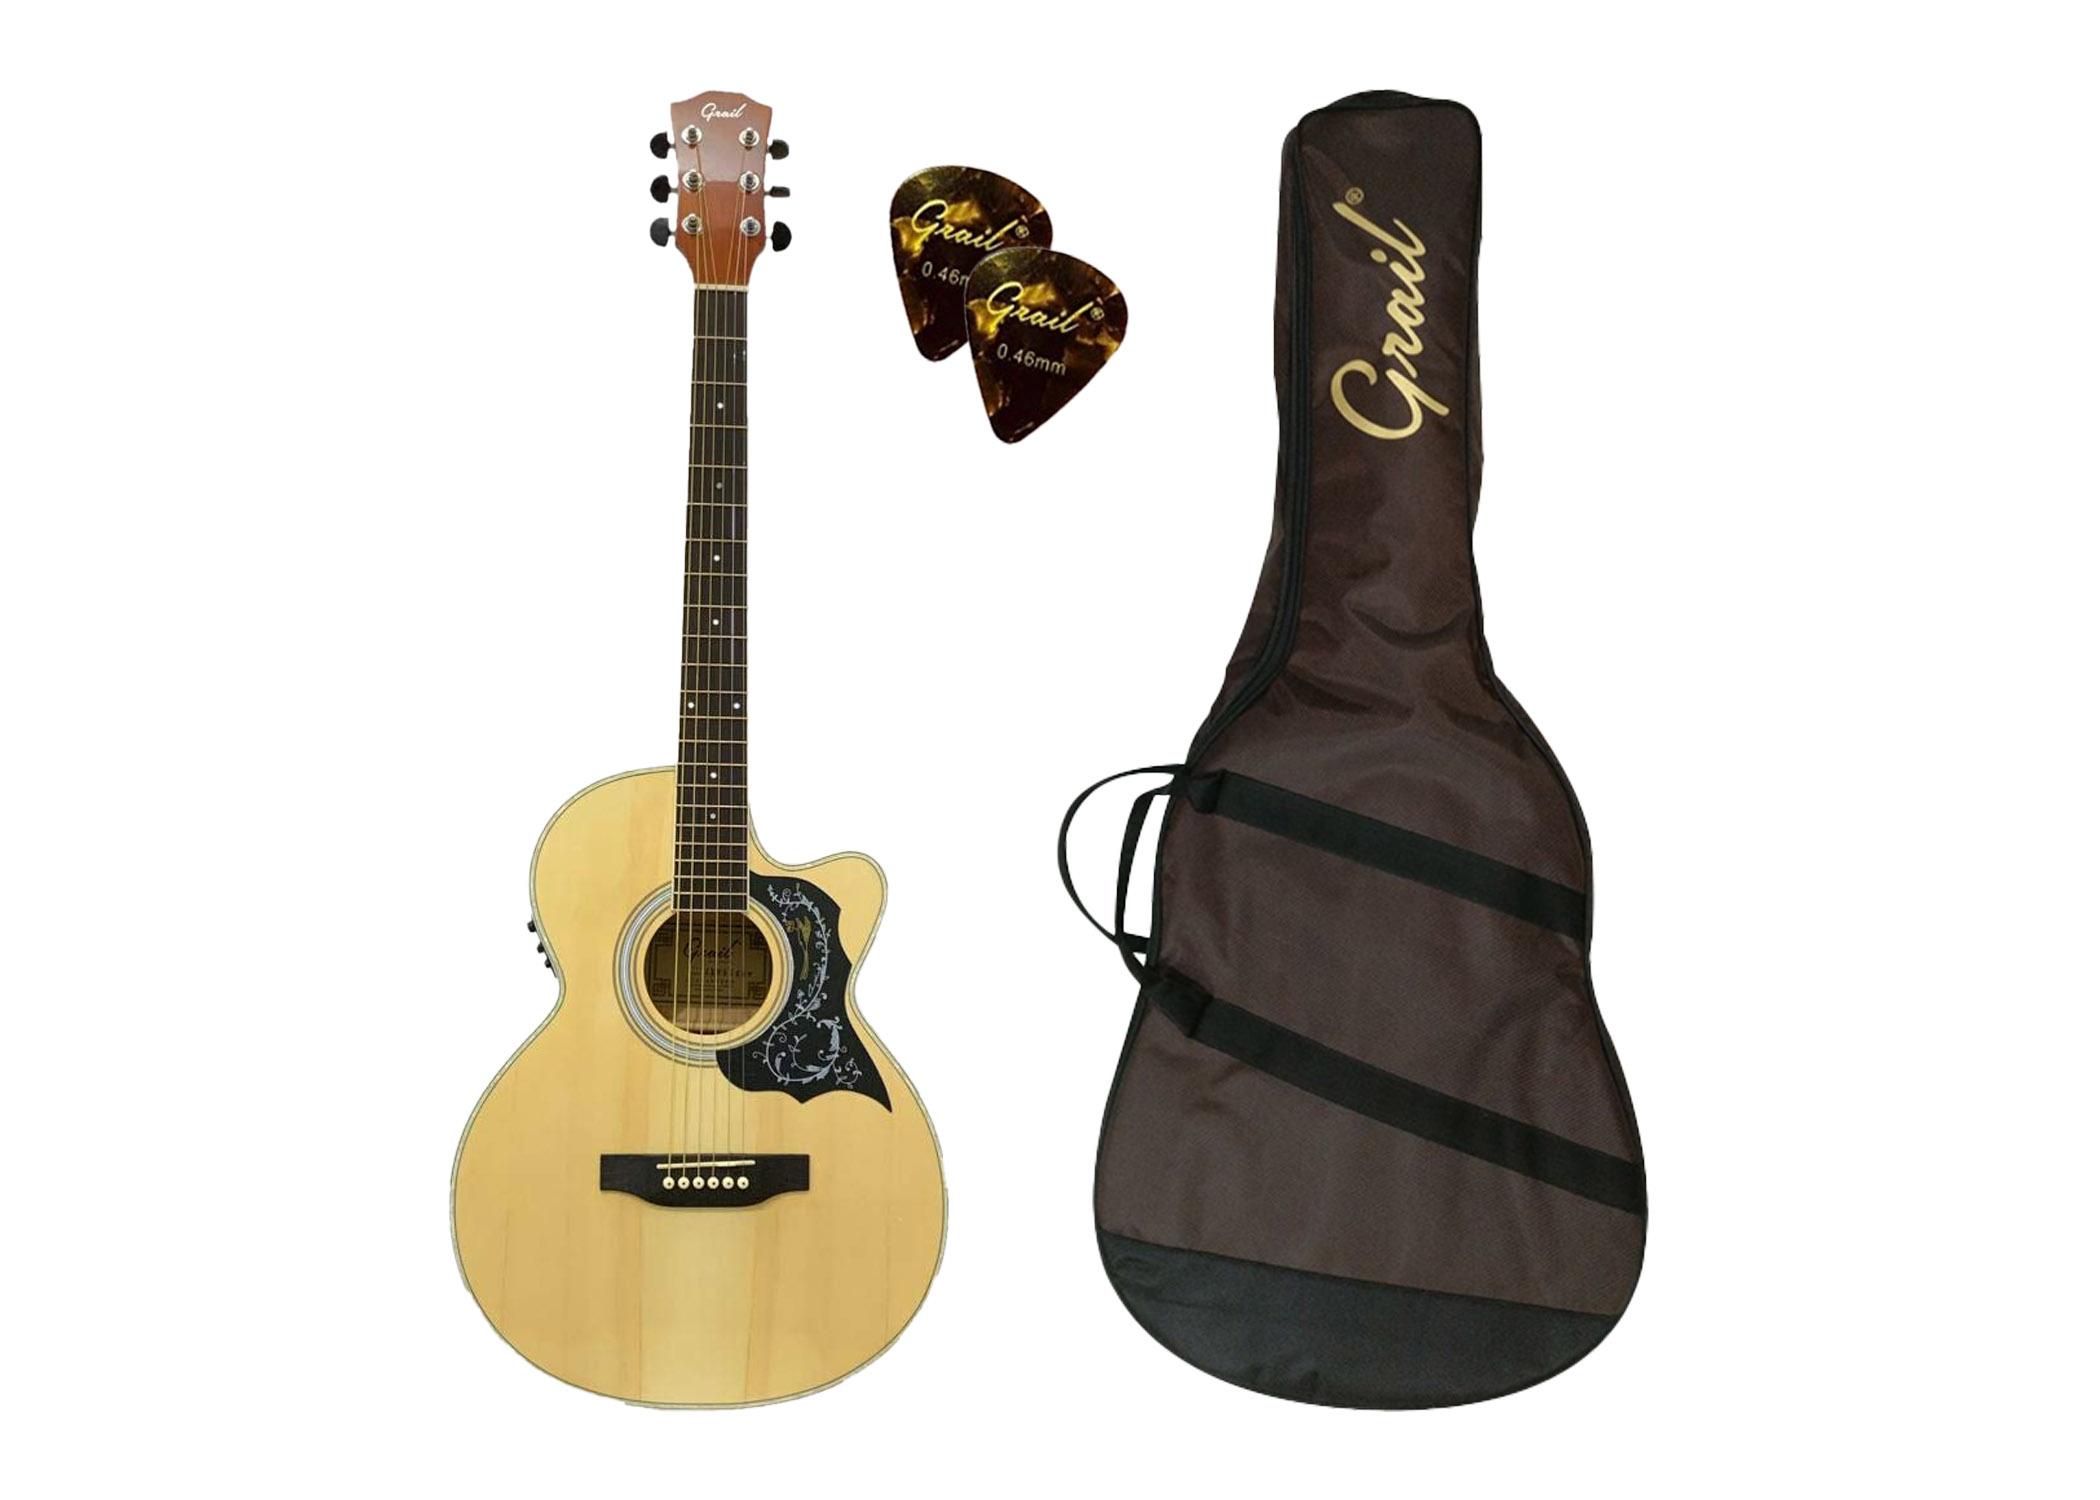 Grail Allure A190CE SP Semi Acoustic Guitar Cutaway Spruce Top